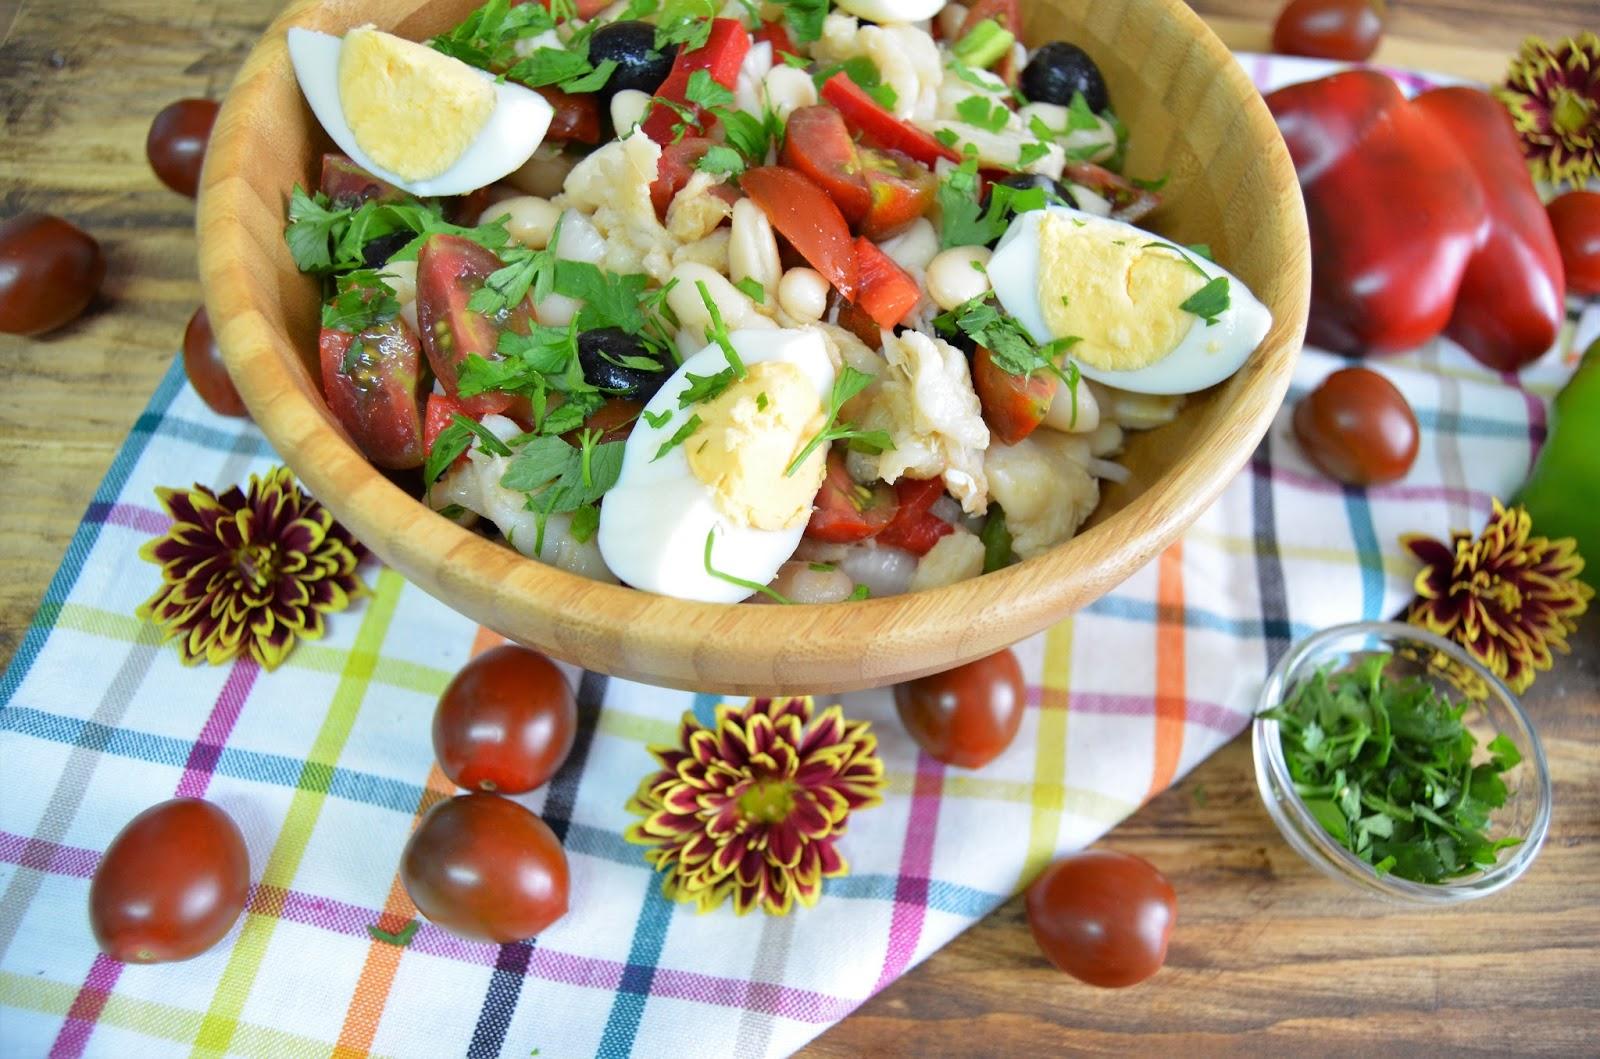 Ensalada de judias blancas con bacalao for Cocinar judias blancas de bote